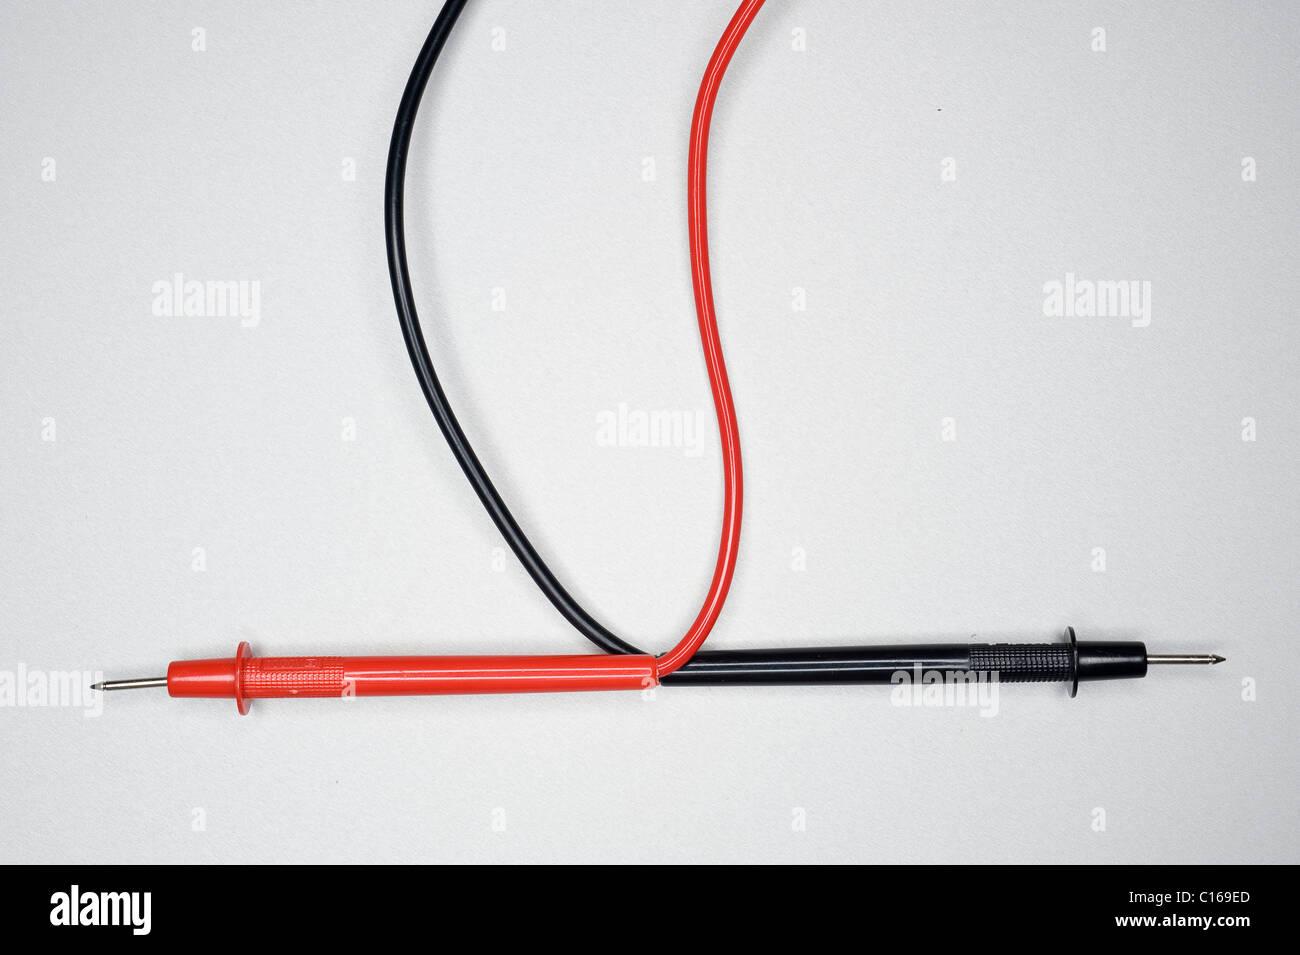 Berühmt Rote Und Schwarze Elektrische Drähte Fotos - Elektrische ...